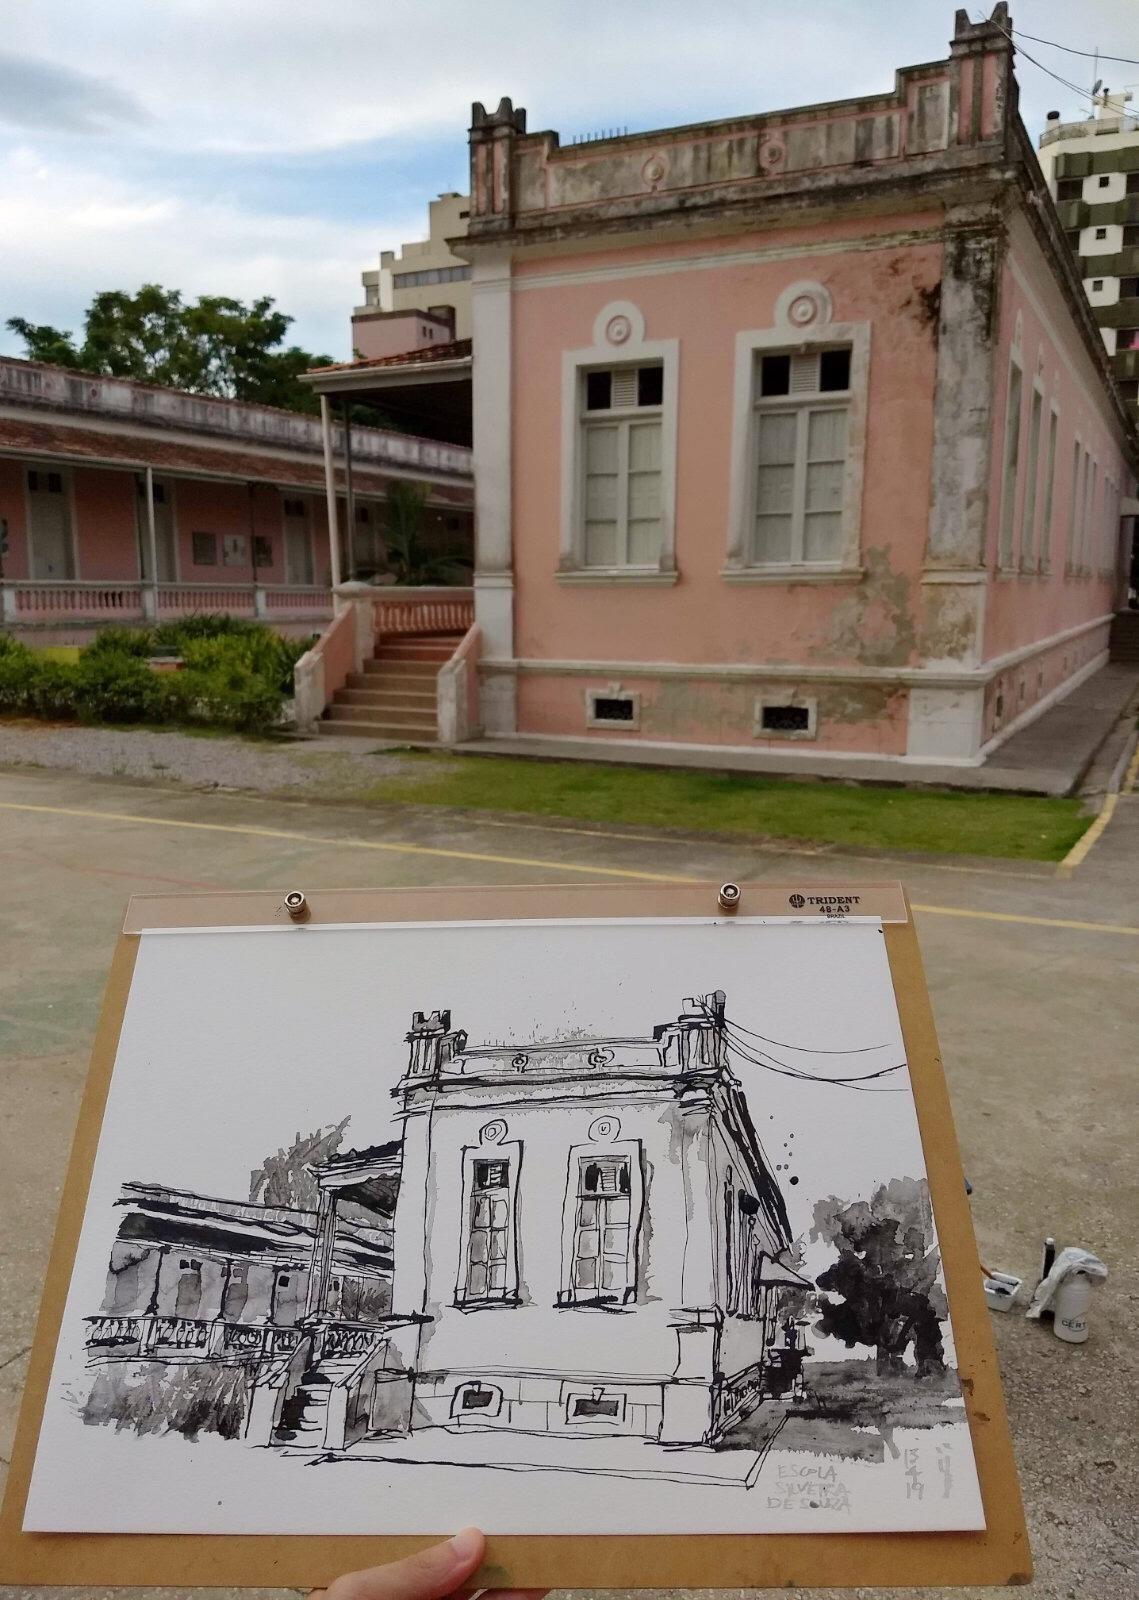 Fotografia da fachada traseira da escola, pintada em rosa claro, com o desenho em primeiro plano